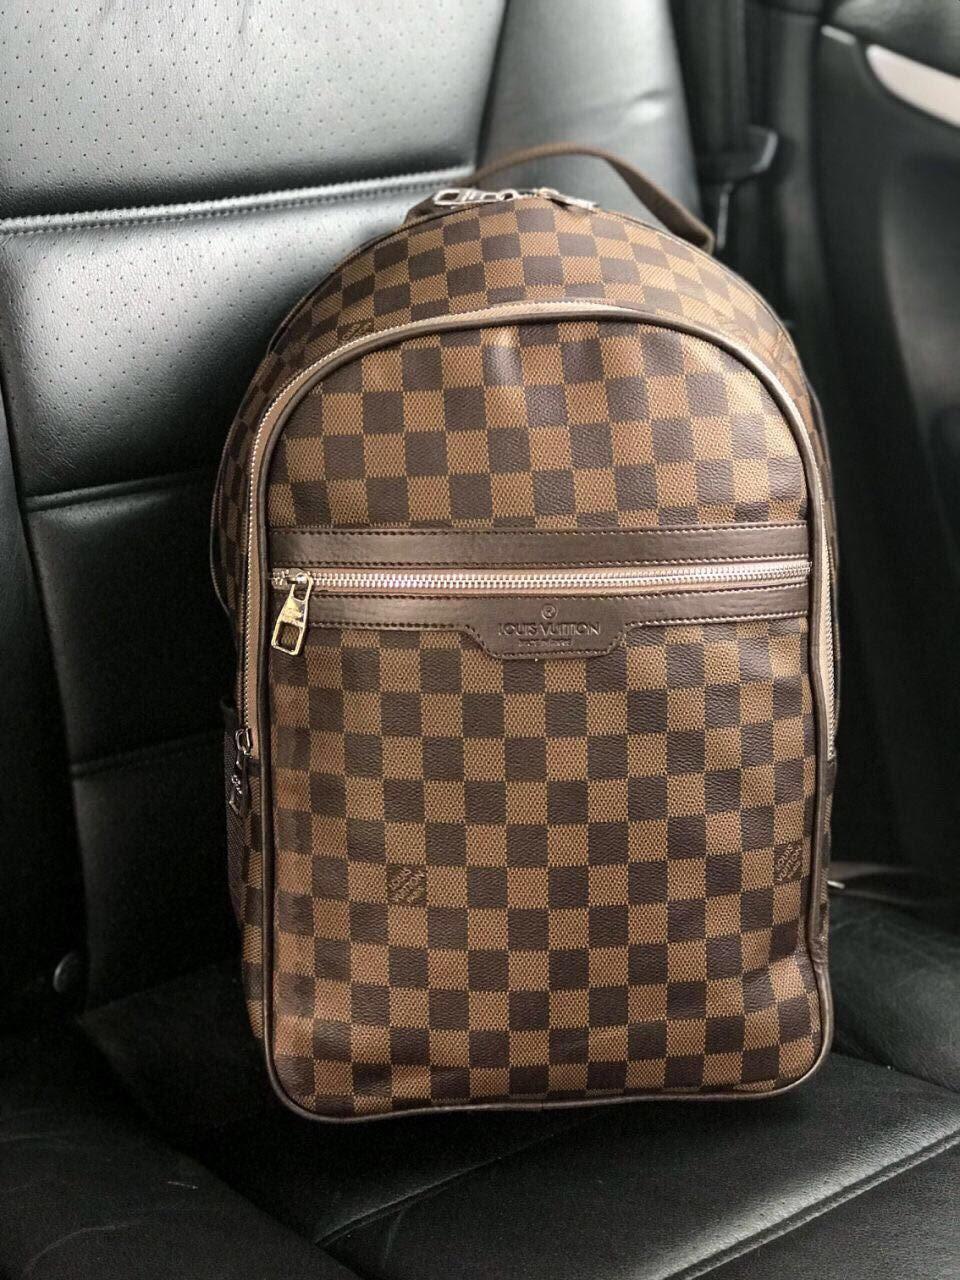 96355f141bb3 Рюкзак ранец портфель мужской коричневый женский Louis Vuitton копия реплика